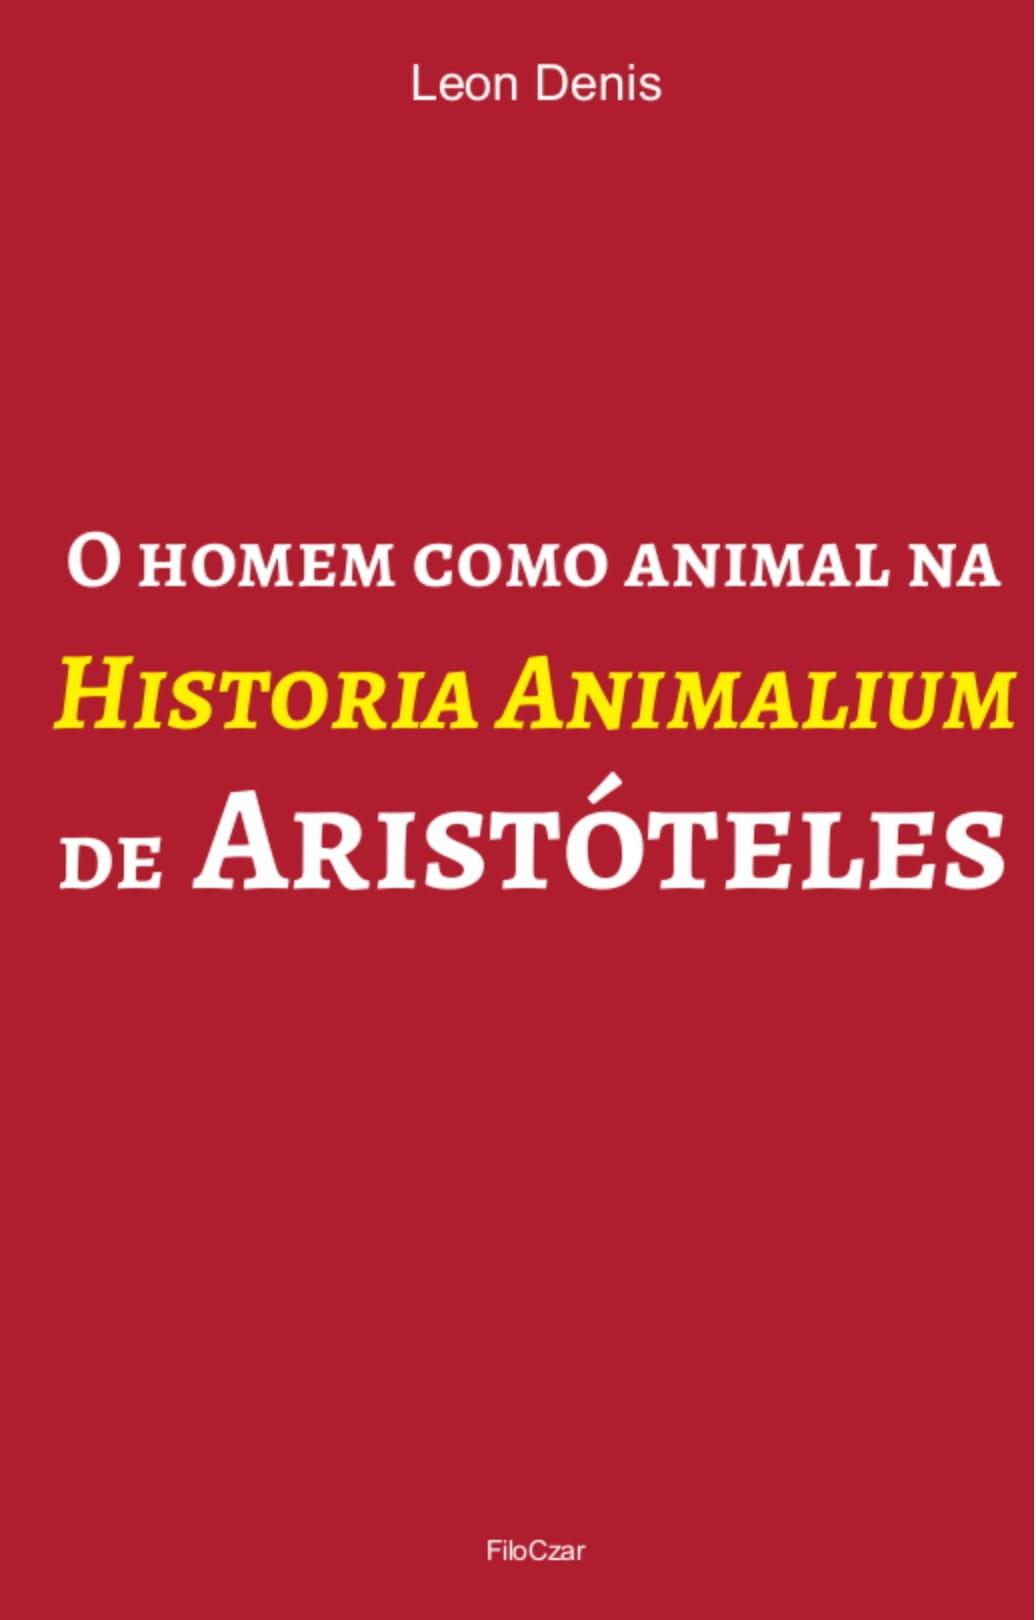 O homem como animal na História Animalium de Aristóteles